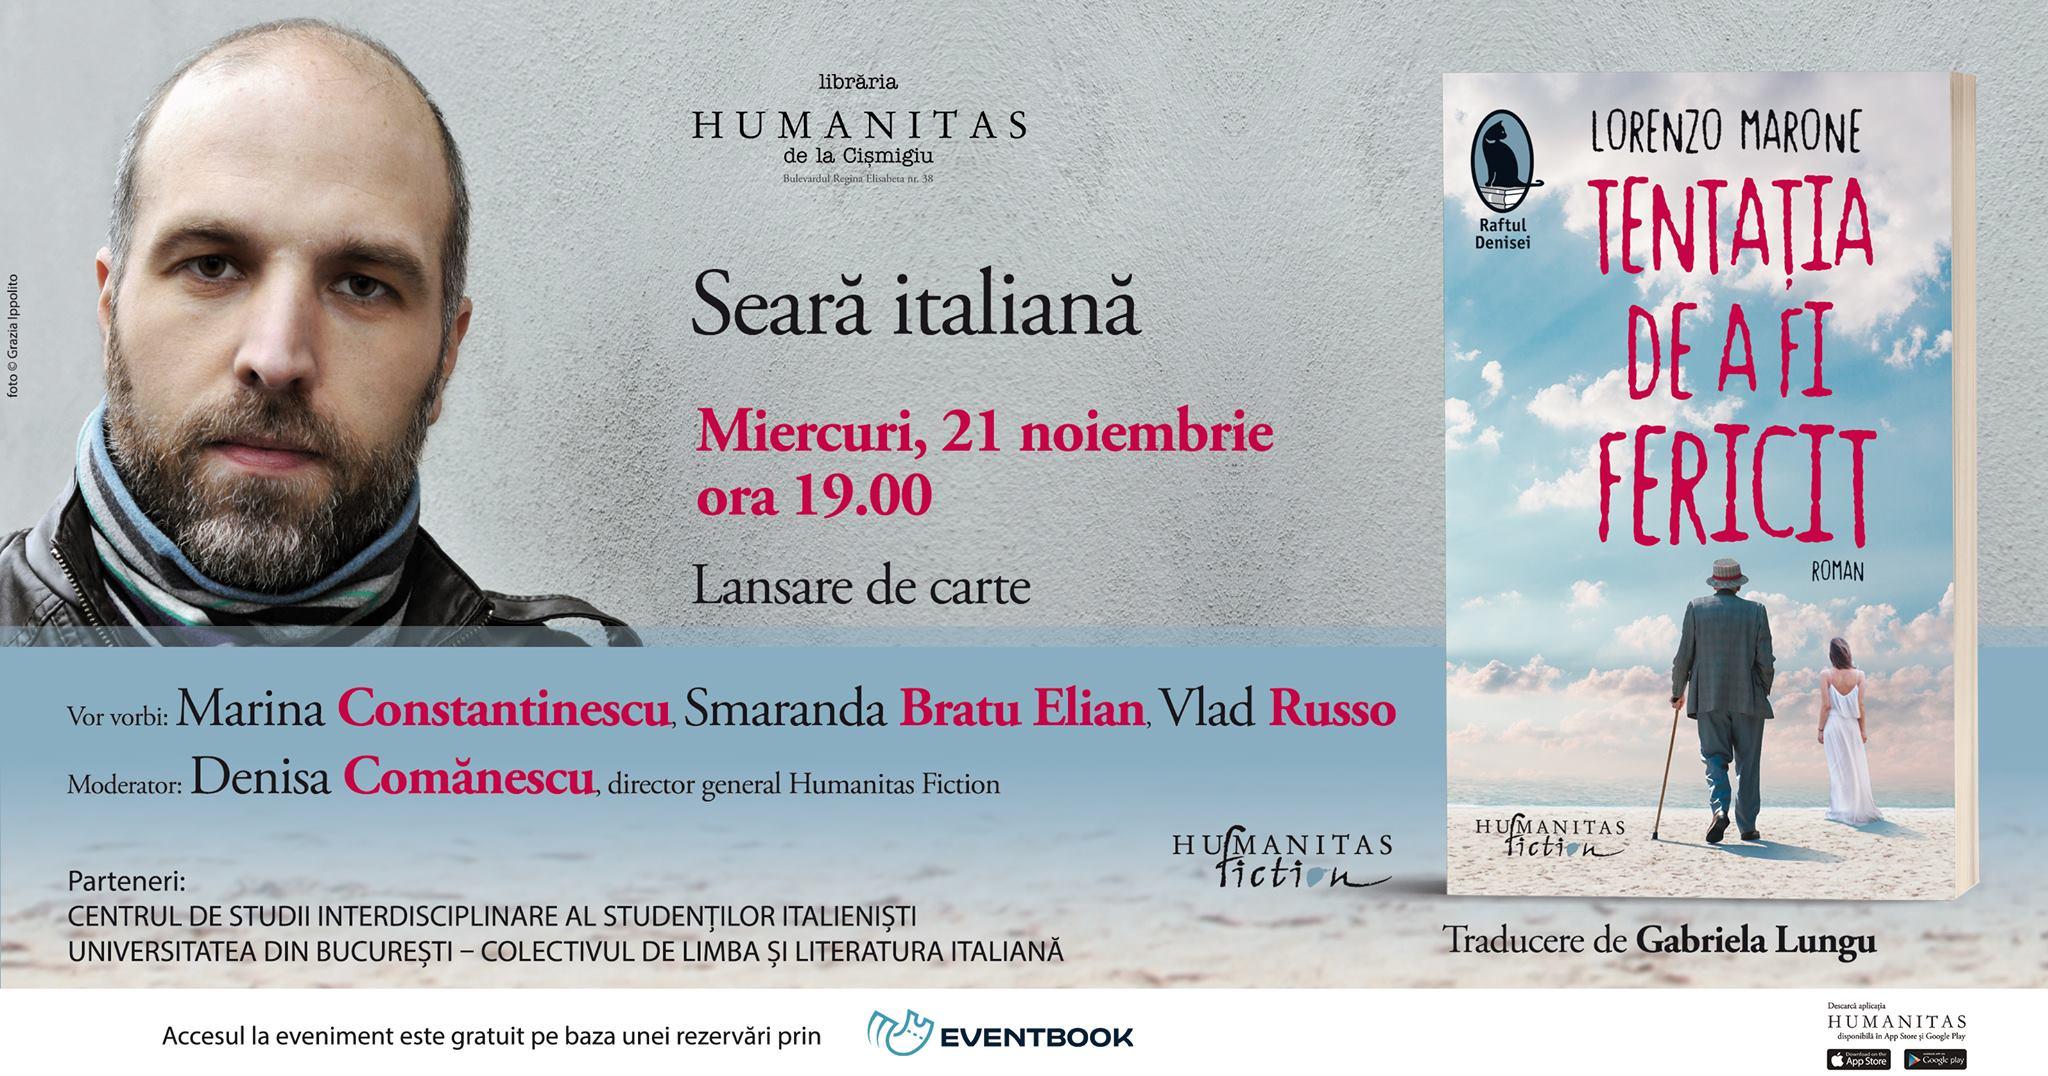 """Seară italiană: Lorenzo Marone, """"Tentația de a fi fericit"""""""